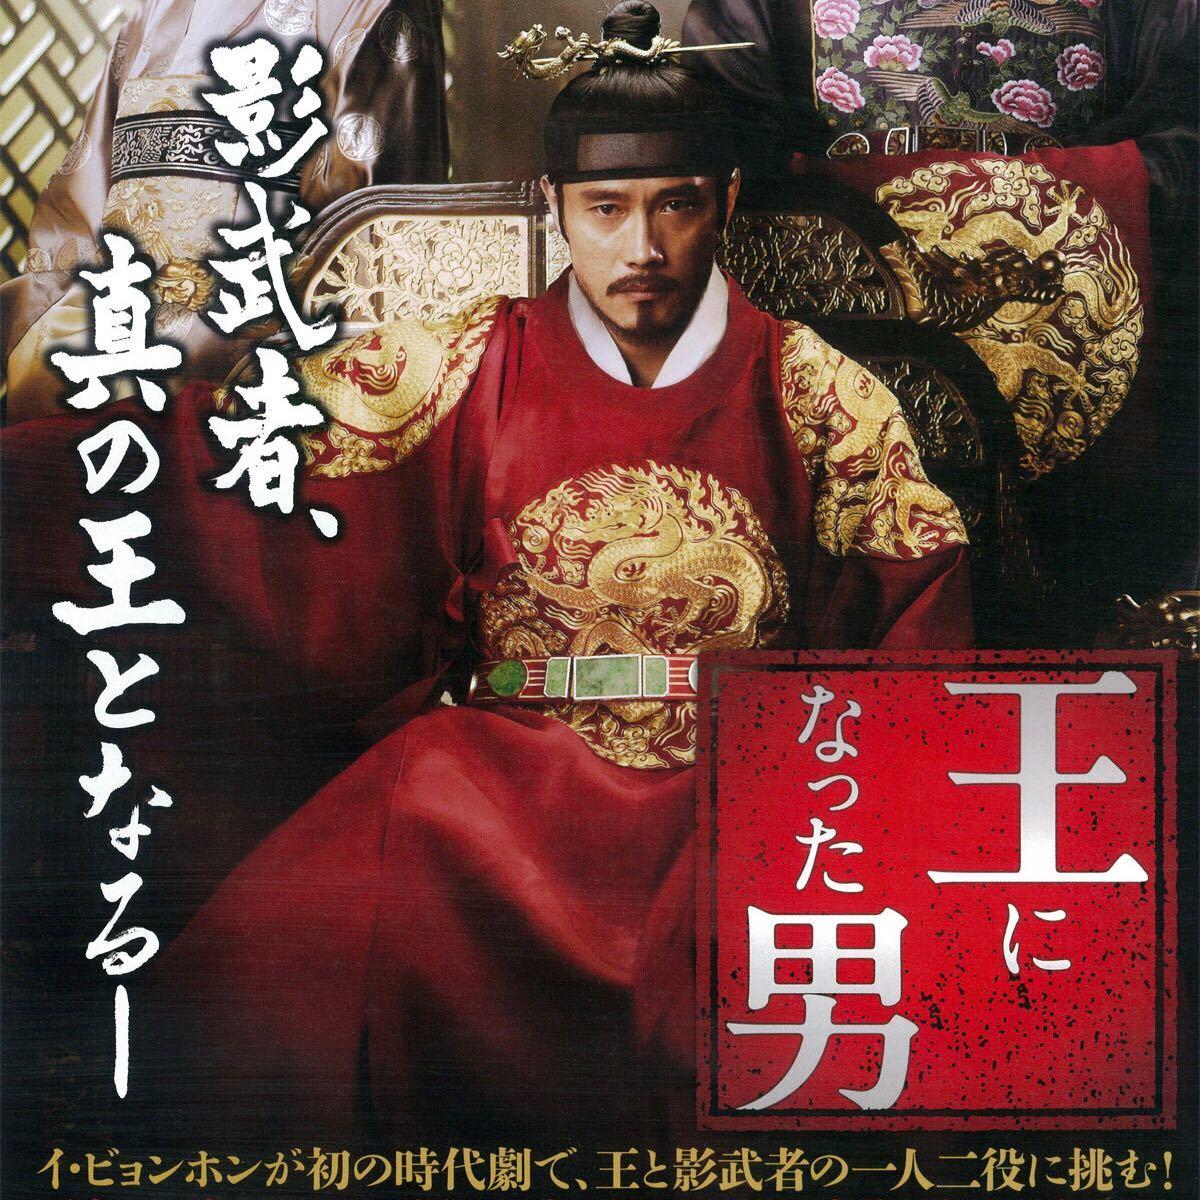 韓国映画  王になった男  それだけが僕の世界  DVD  2点セット  日本語吹替有り  レーベル有り